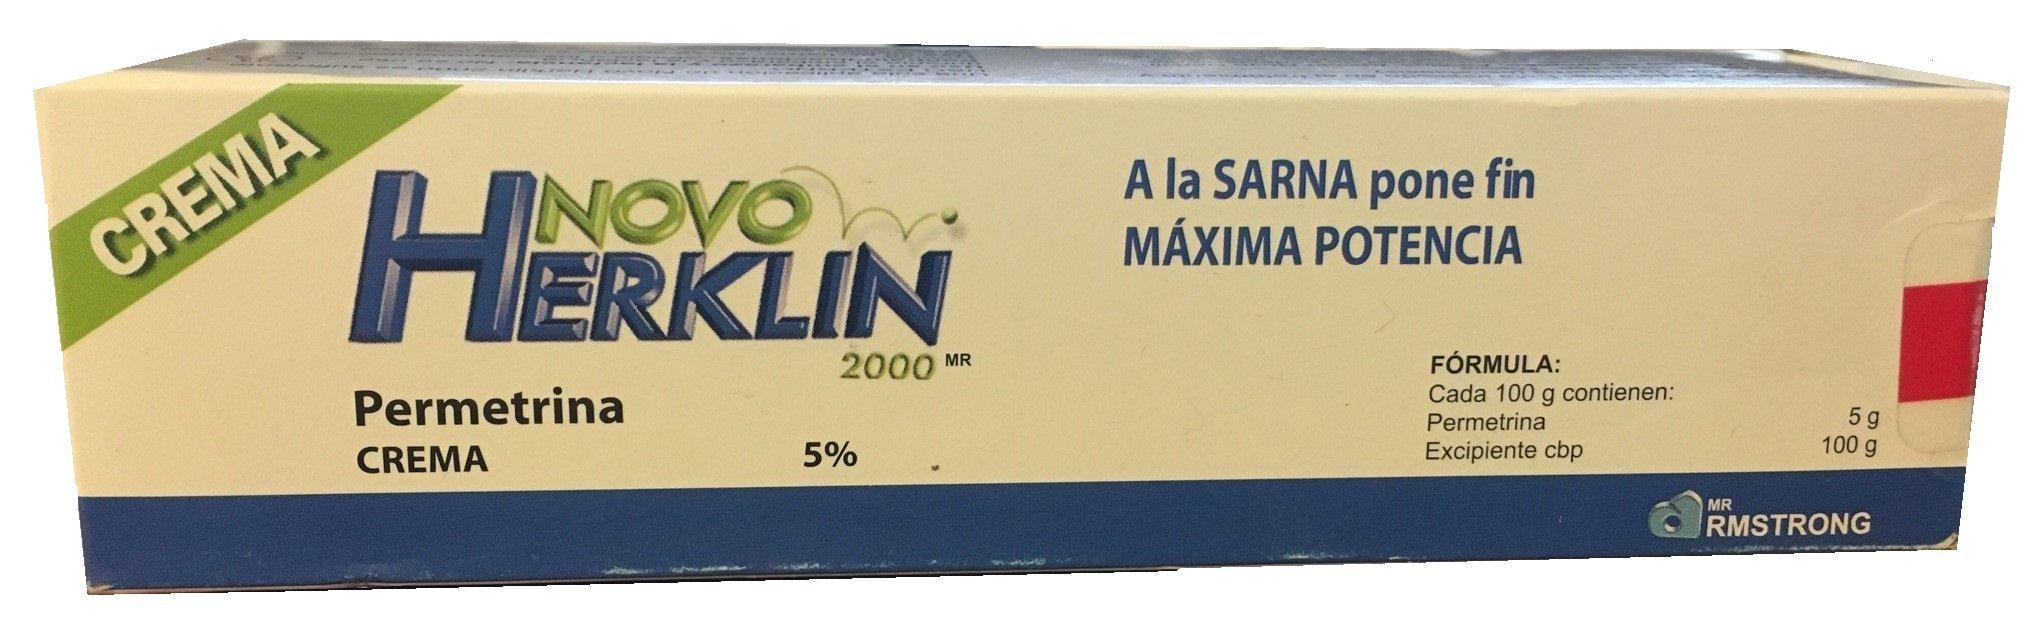 Herklin Repelente de piojos para el cabello crema/ Lice Repelent Cream w Dcache Exclusive Gift